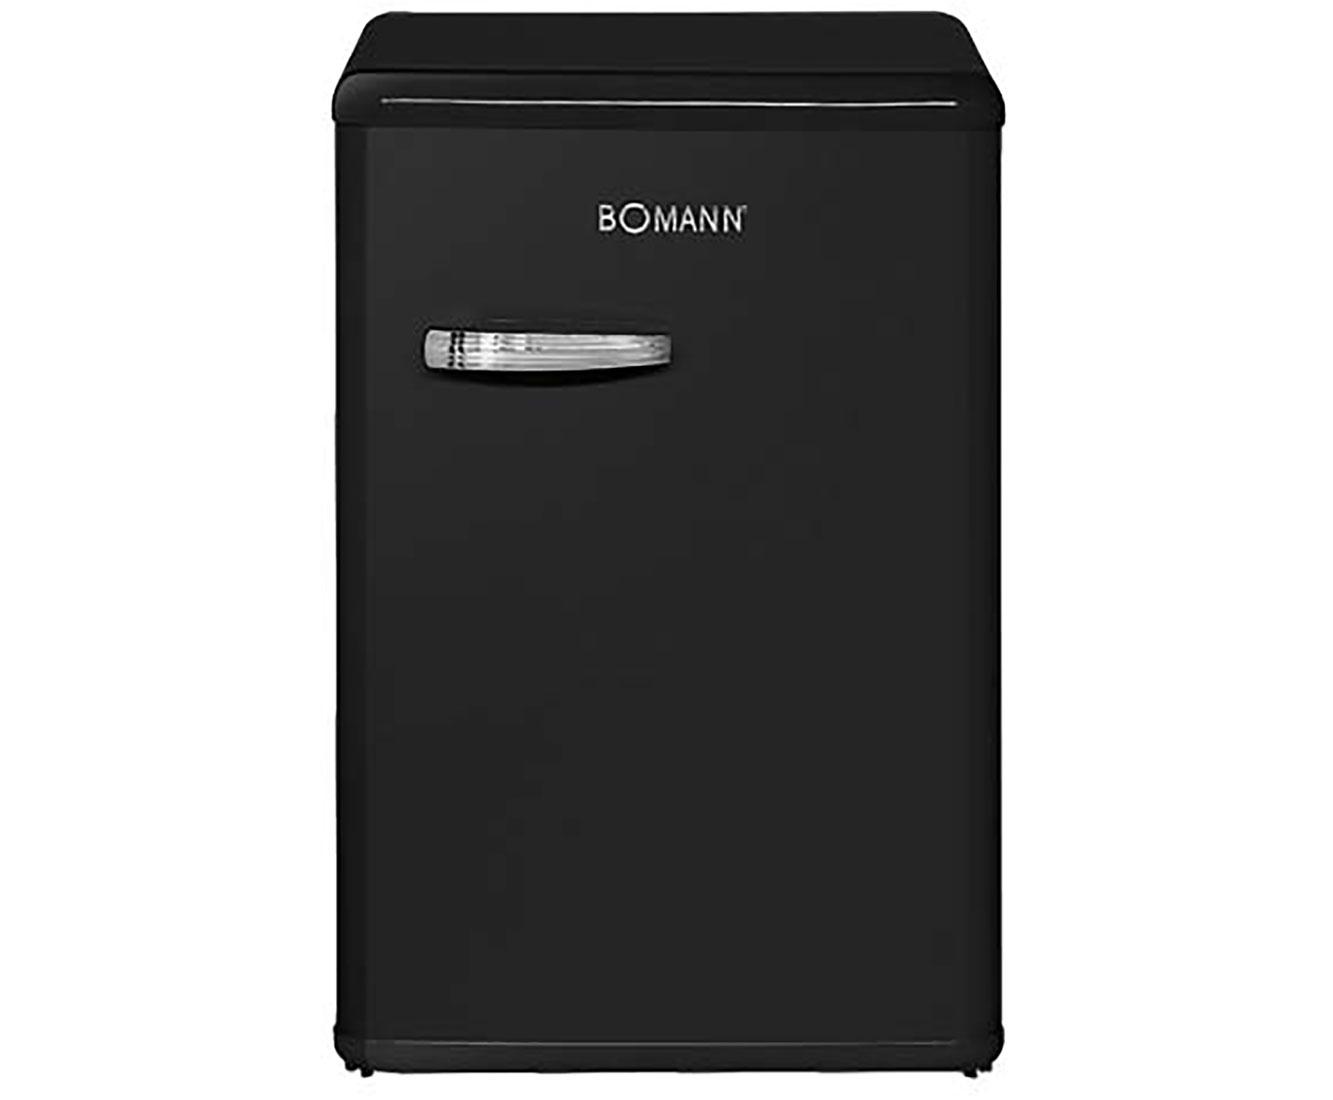 Kühlschrank Von Bomann : Bomann vsr kühlschrank schwarz a